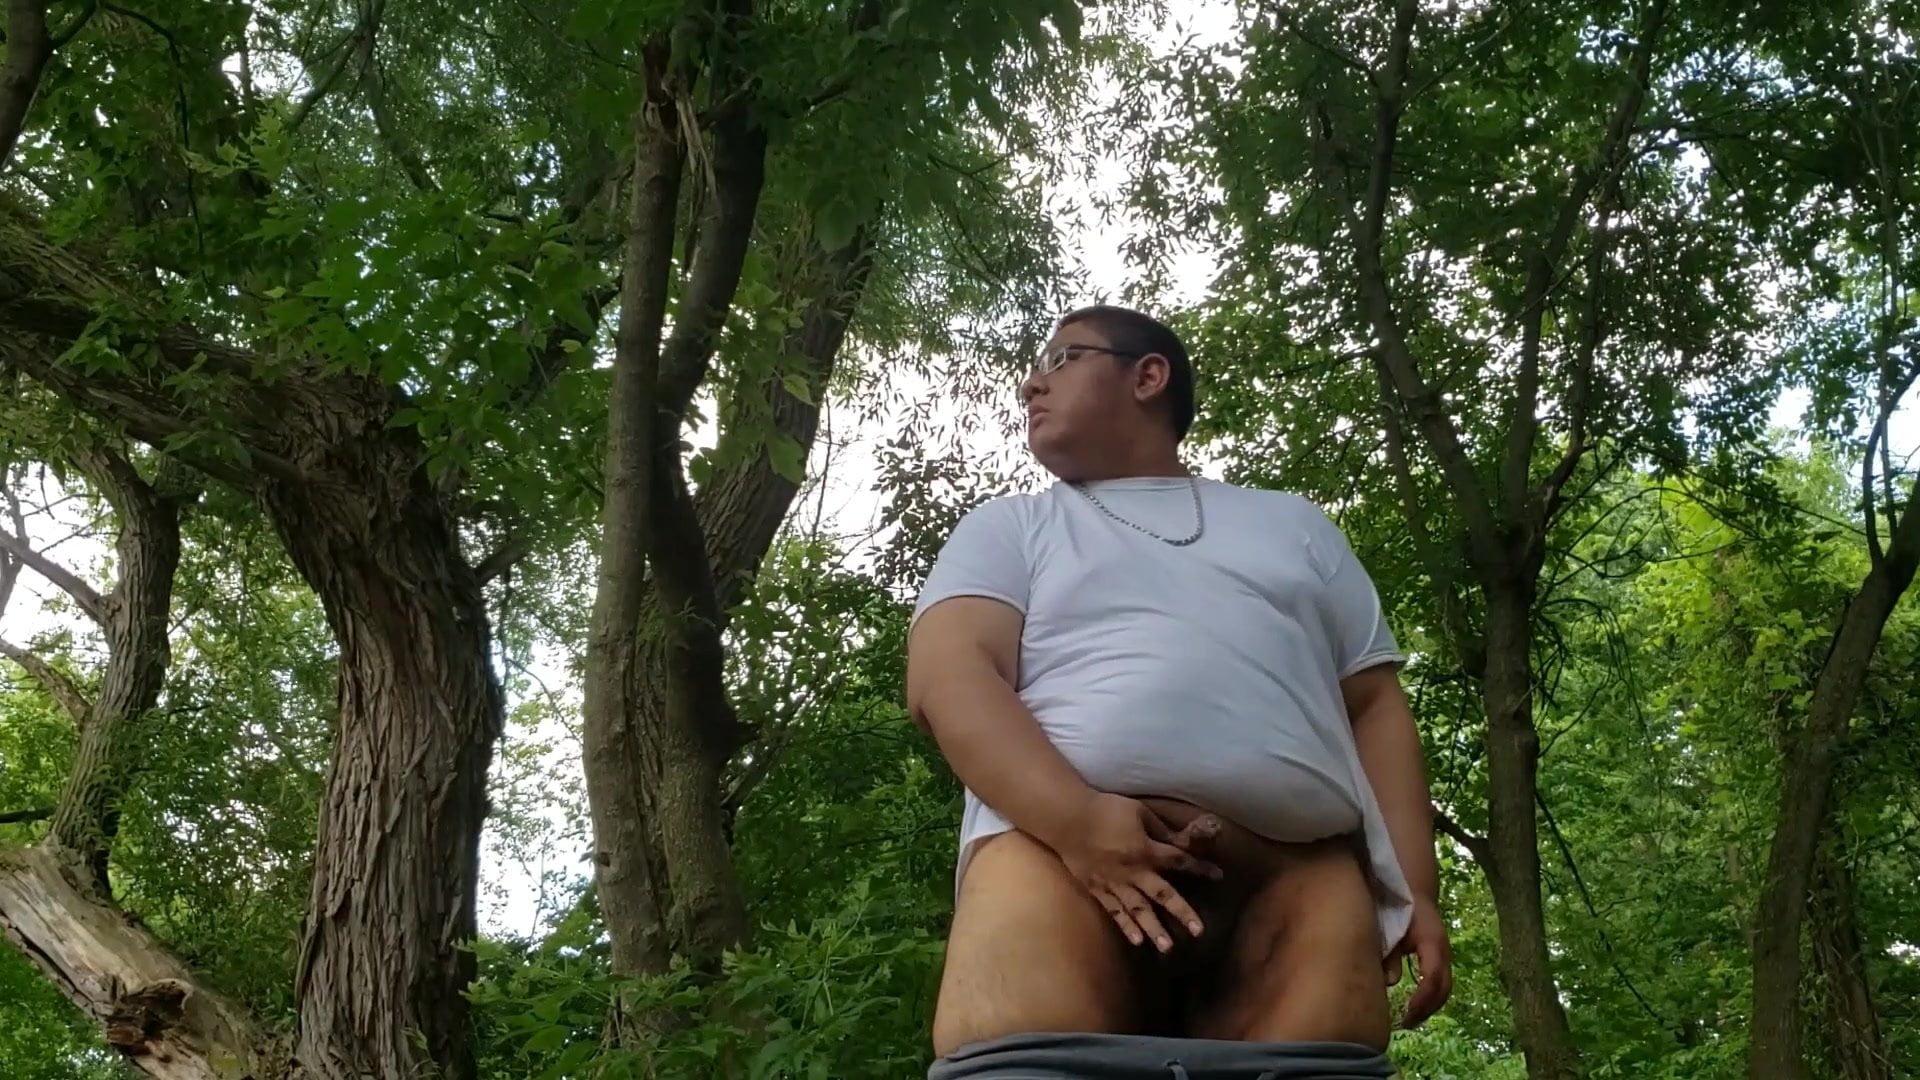 enjoying within the woods